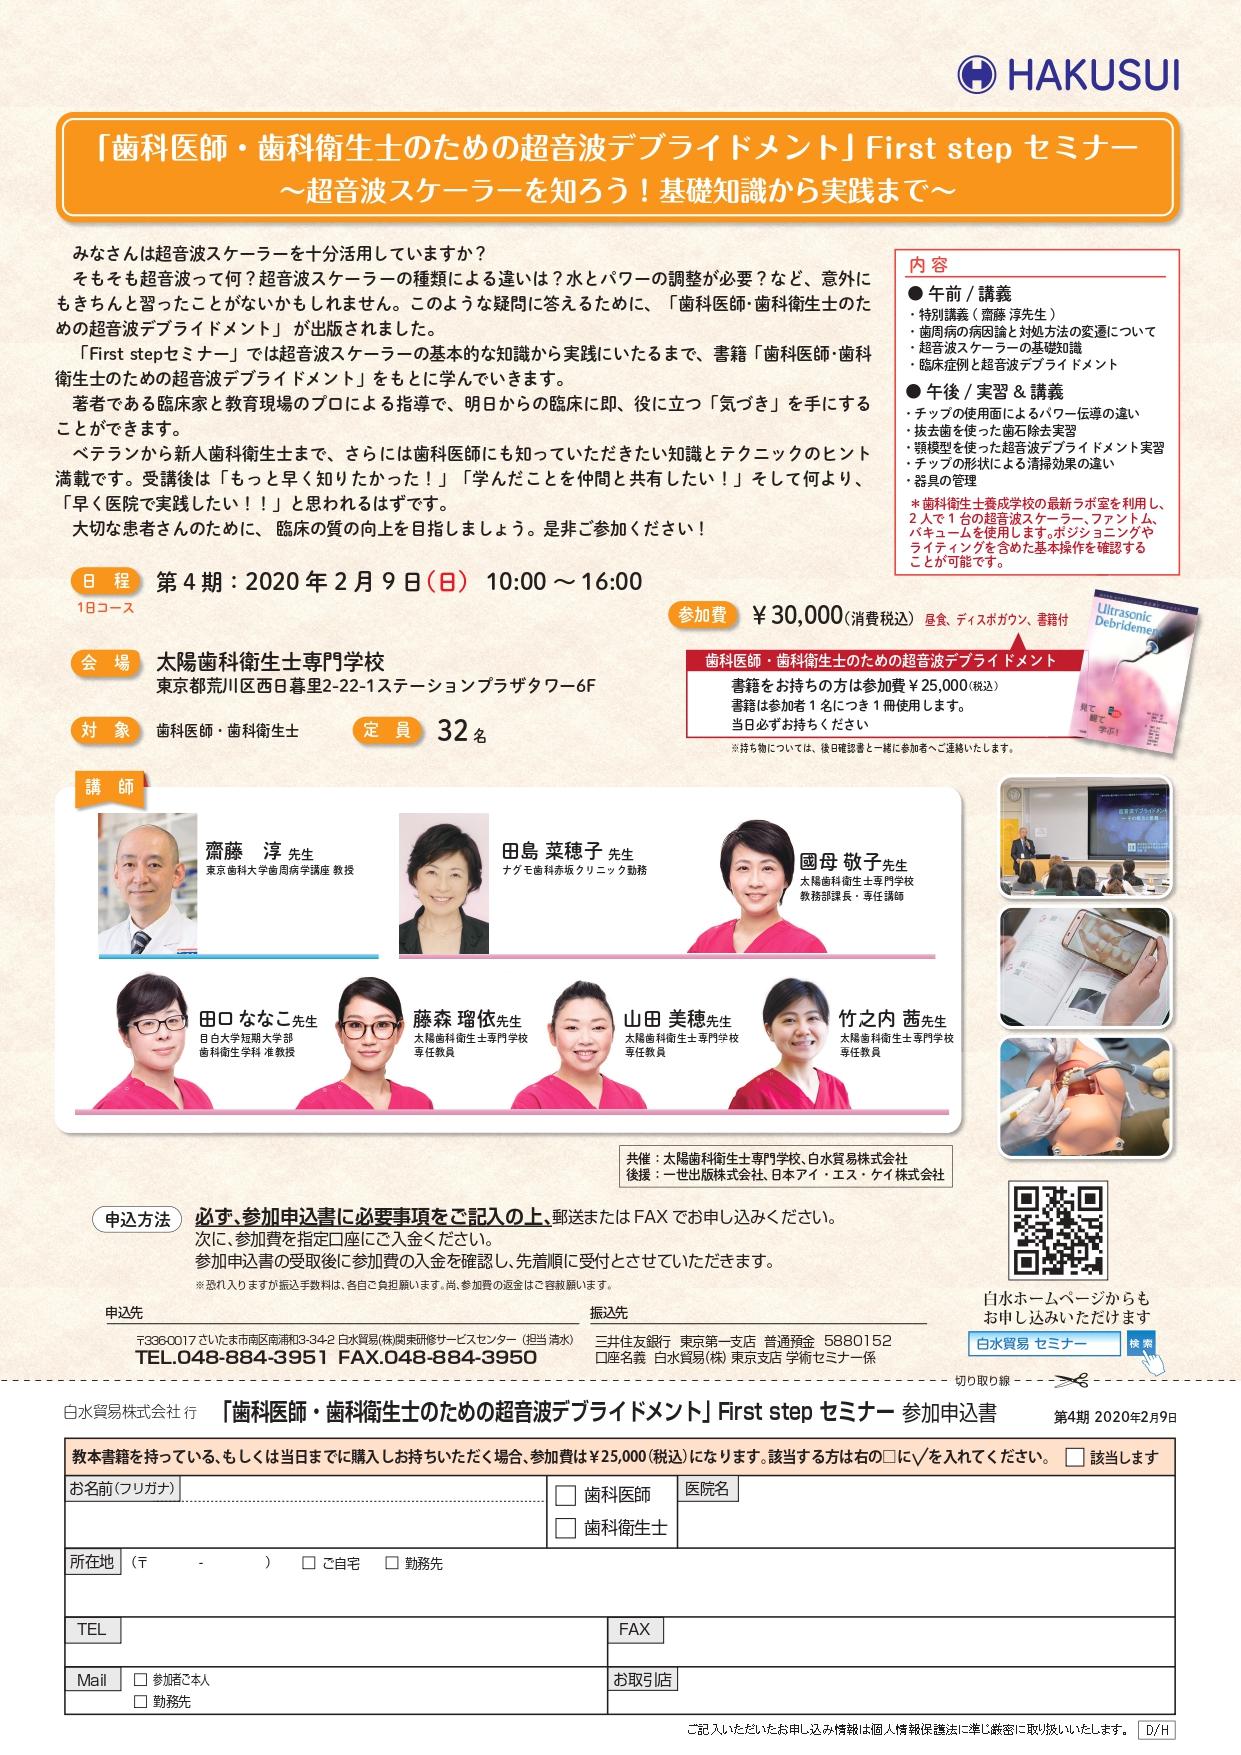 「歯科医師・歯科衛生士のための超音波デブライドメント」 First step セミナー ~超音波スケーラーを知ろう!基礎知識から実践まで~